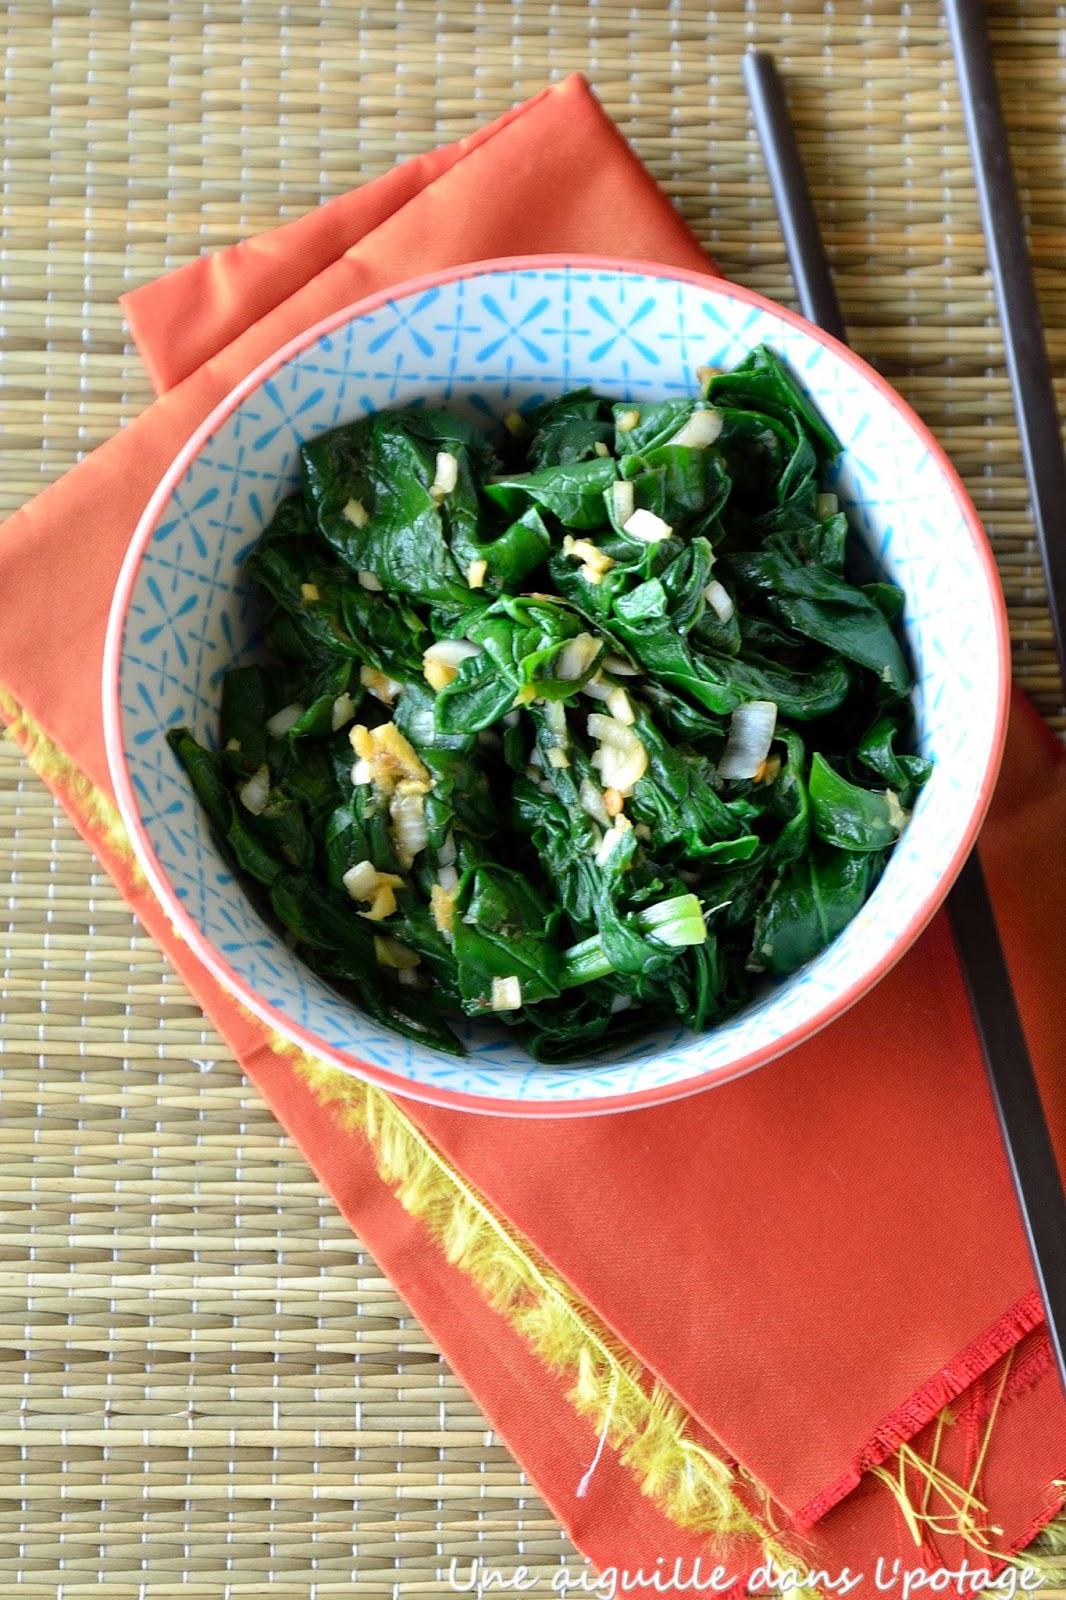 épinards cuisine asiatique